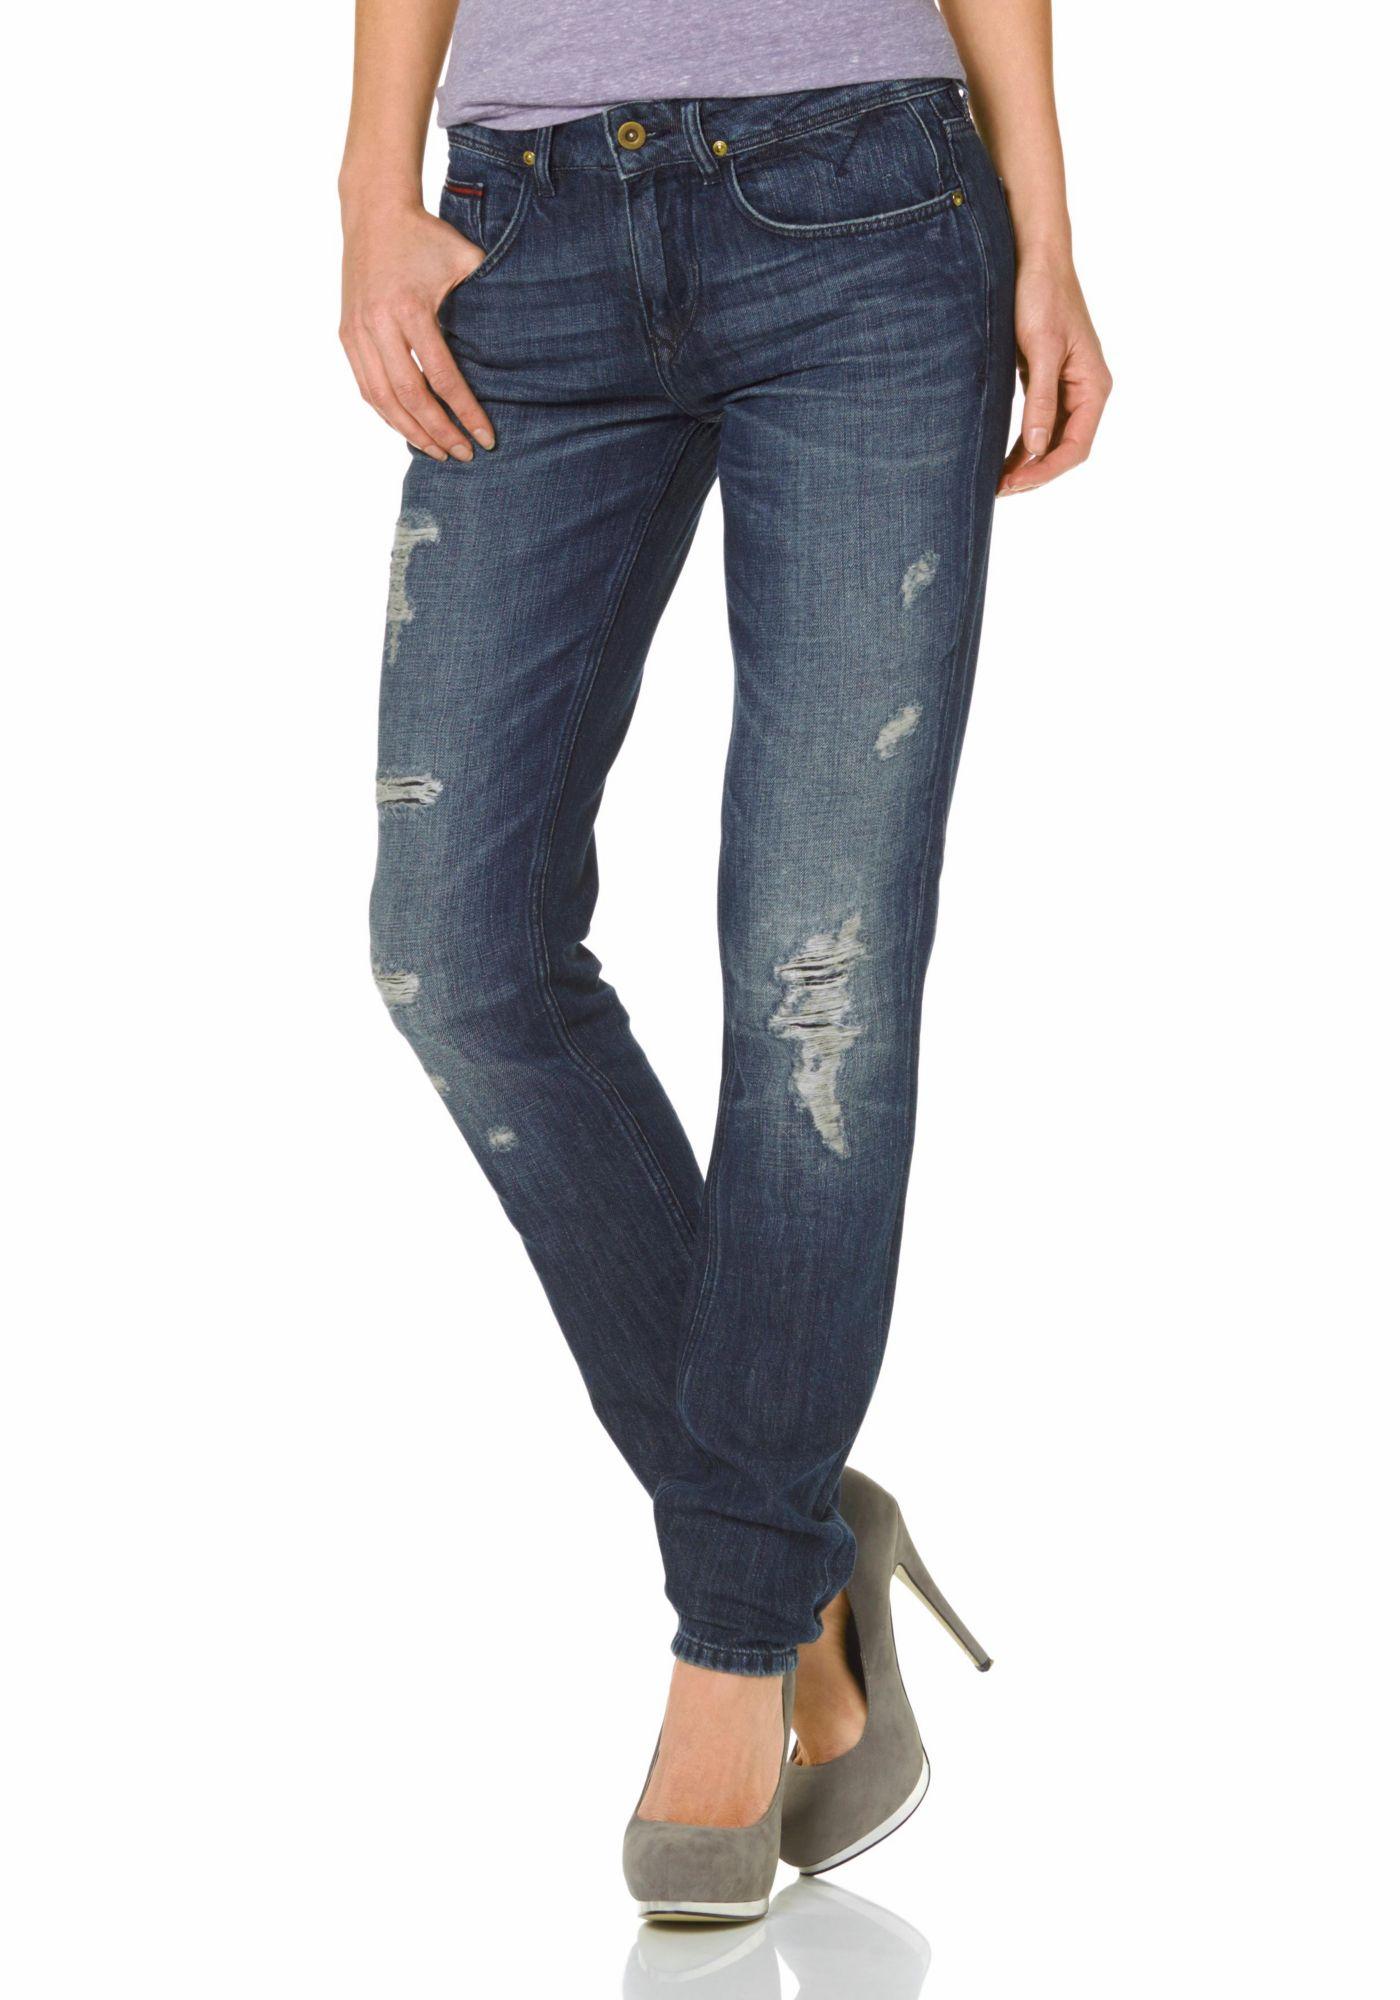 HILFIGER DENIM Hilfiger Denim 5-Pocket-Jeans »Louise«